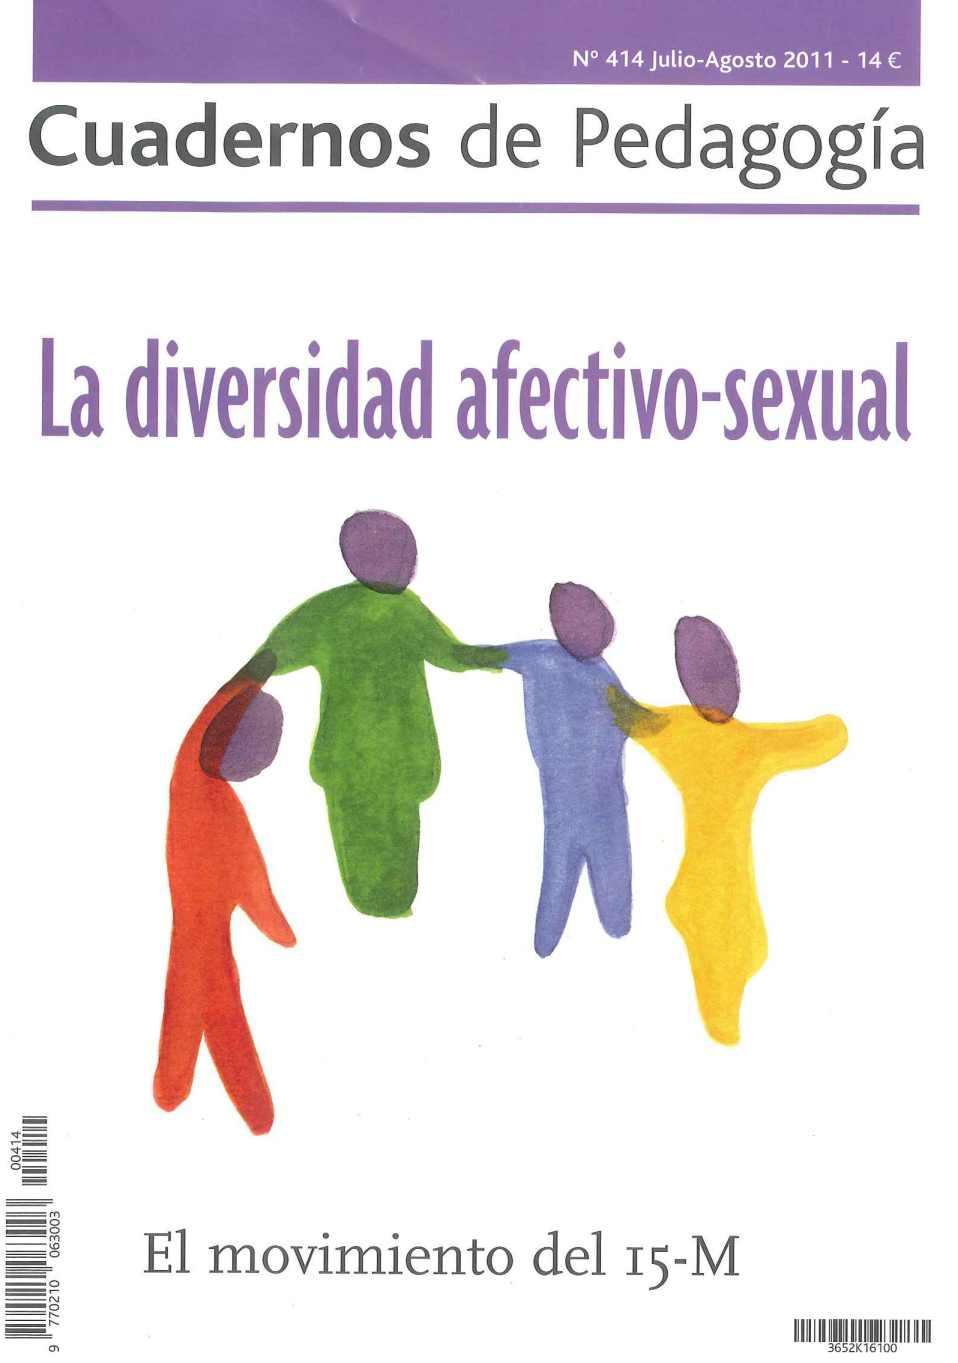 LA DIVERSIDAD AFECTIVO-SEXUAL